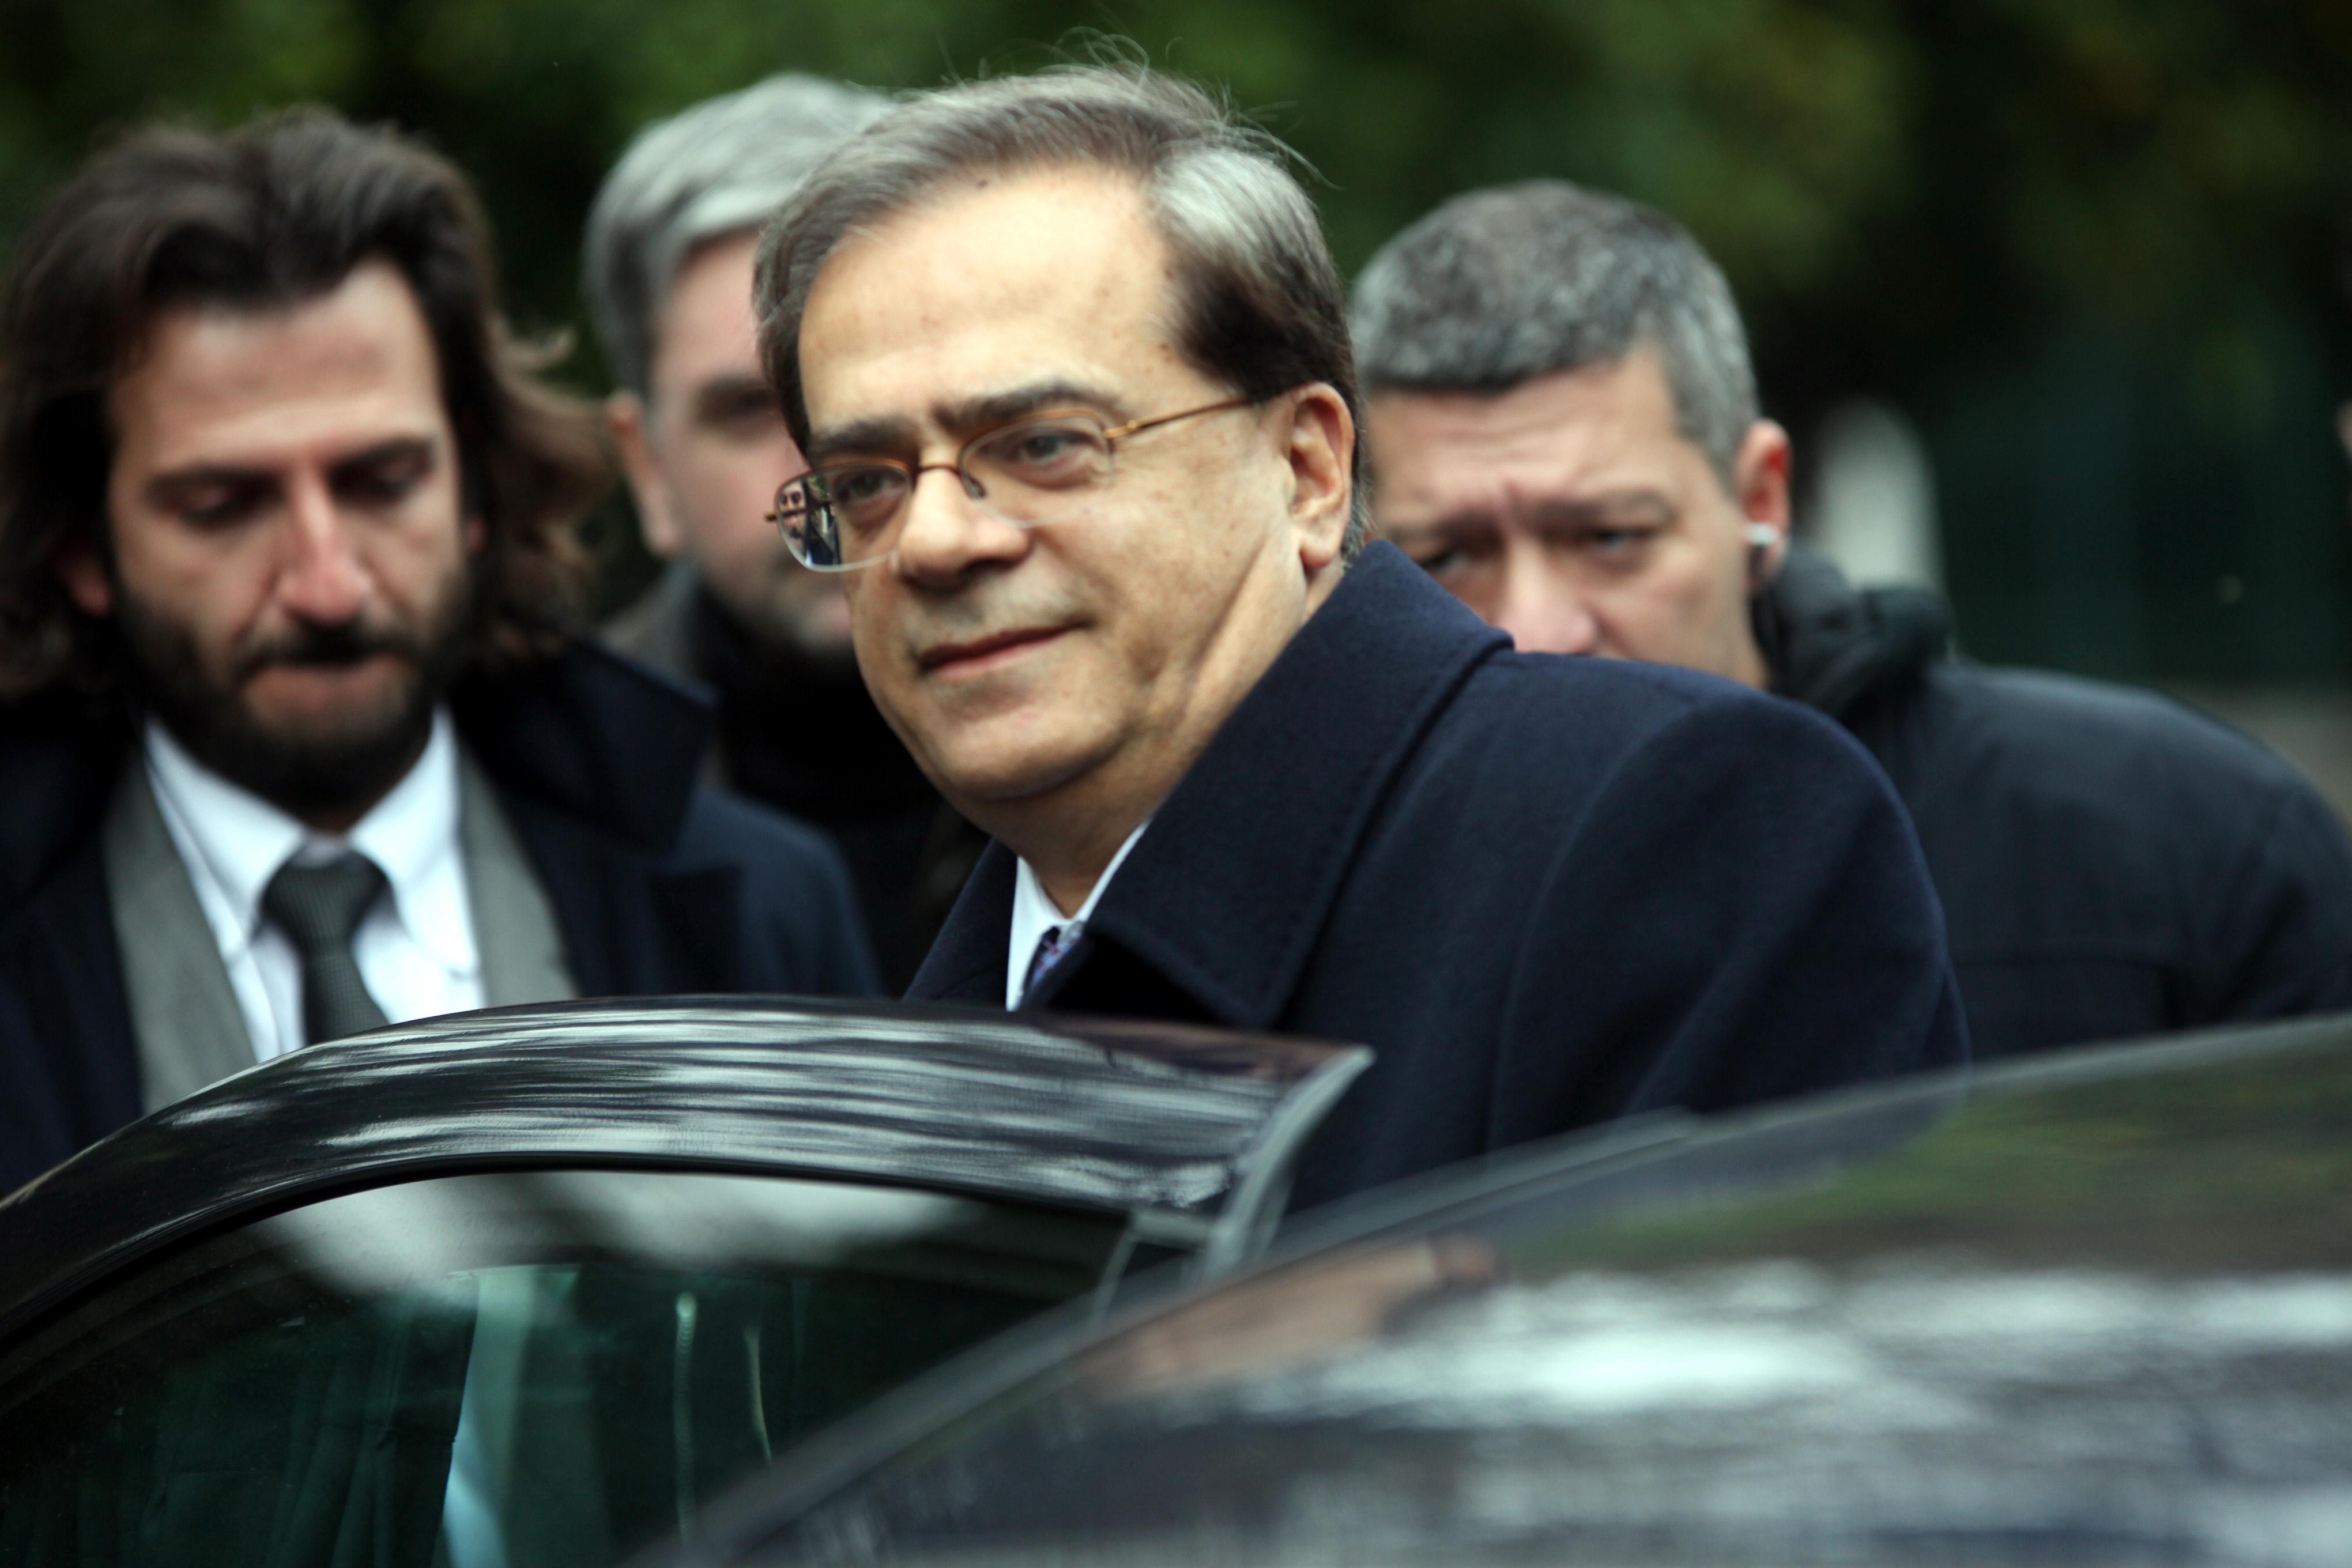 Χαρδούβελης: Αδιάφορο το ΔΝΤ για το πολιτικό κλίμα στην Ελλάδα